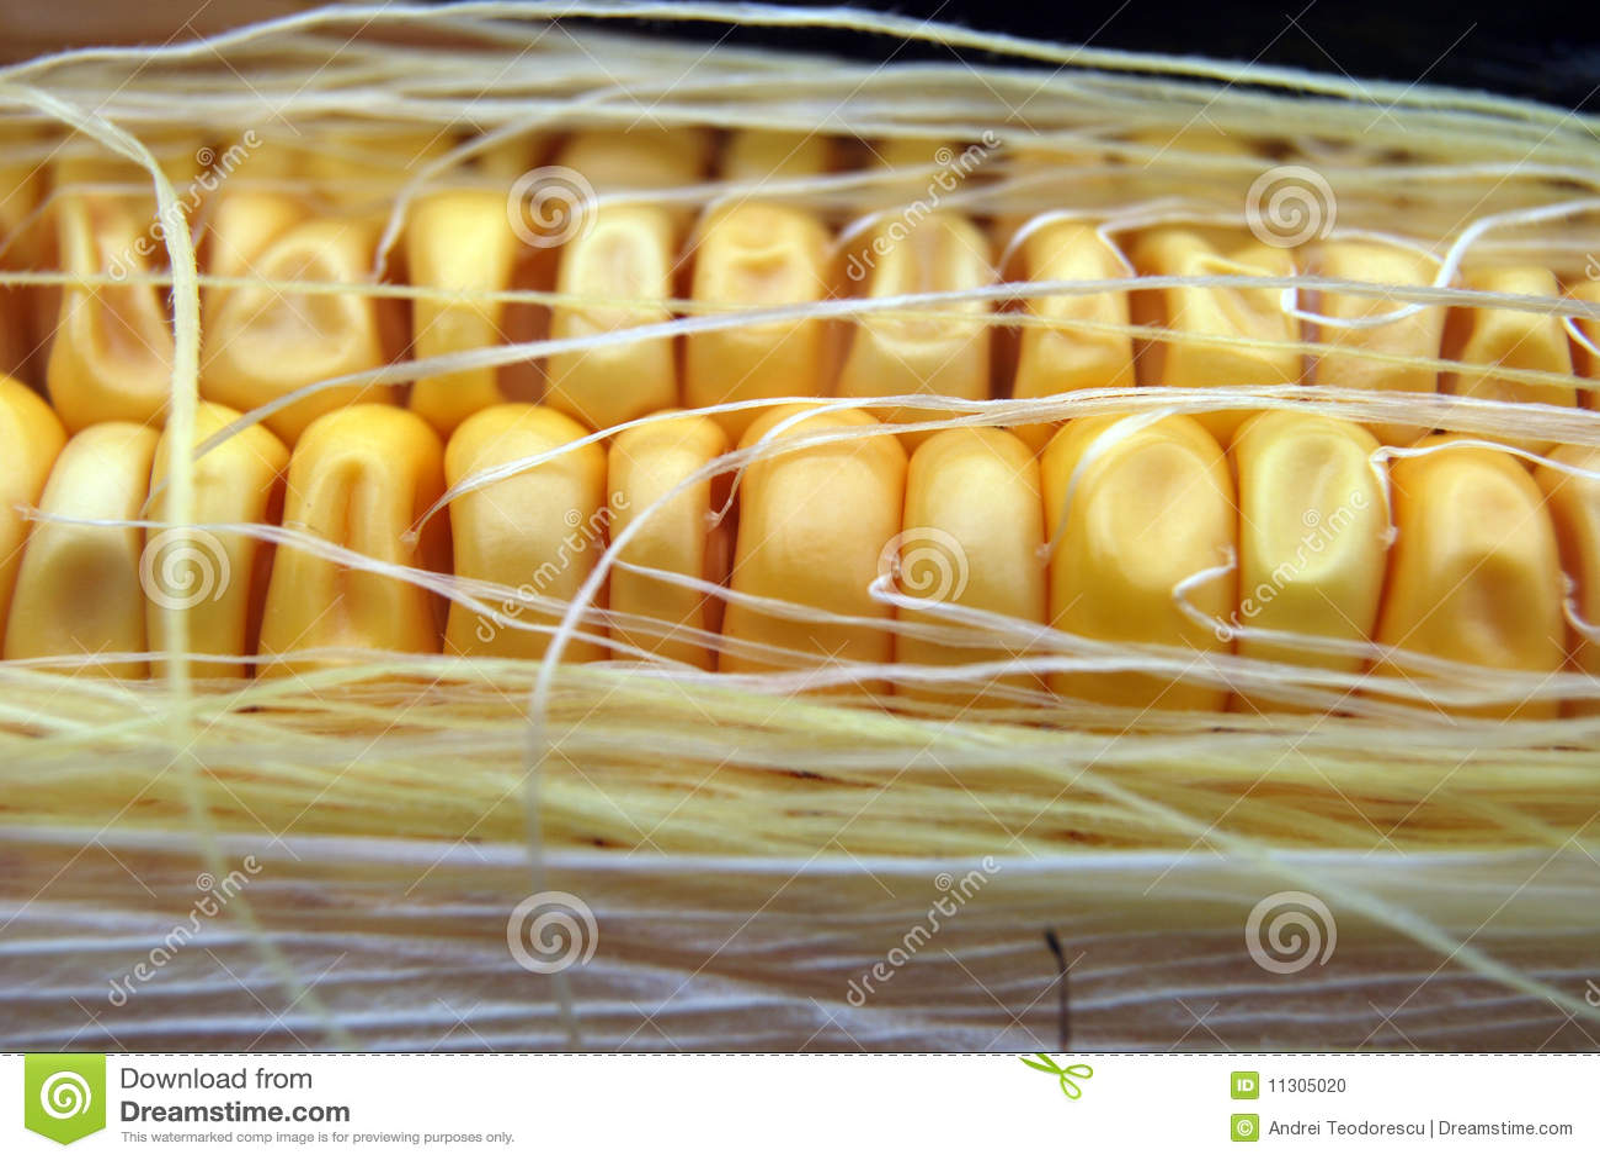 Maisnahaufnahme